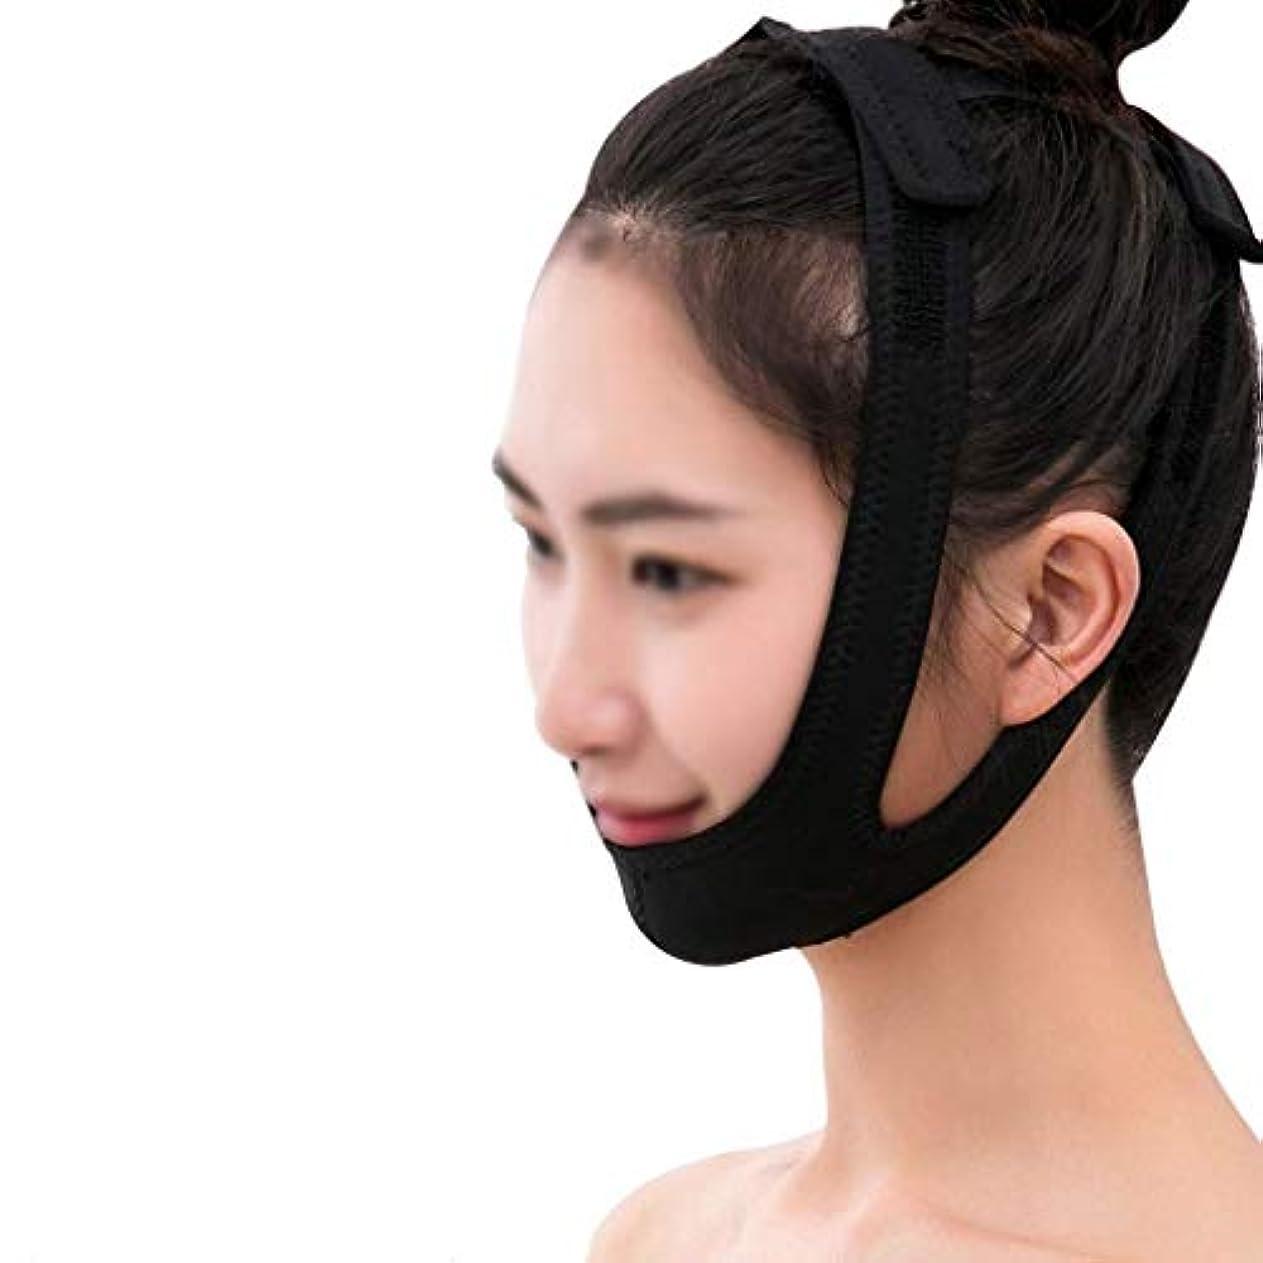 連結するカバレッジそれぞれフェイシャルリフティングマスク、医療用ワイヤーカービングリカバリーヘッドギアVフェイスバンデージダブルチンフェイスリフトマスク